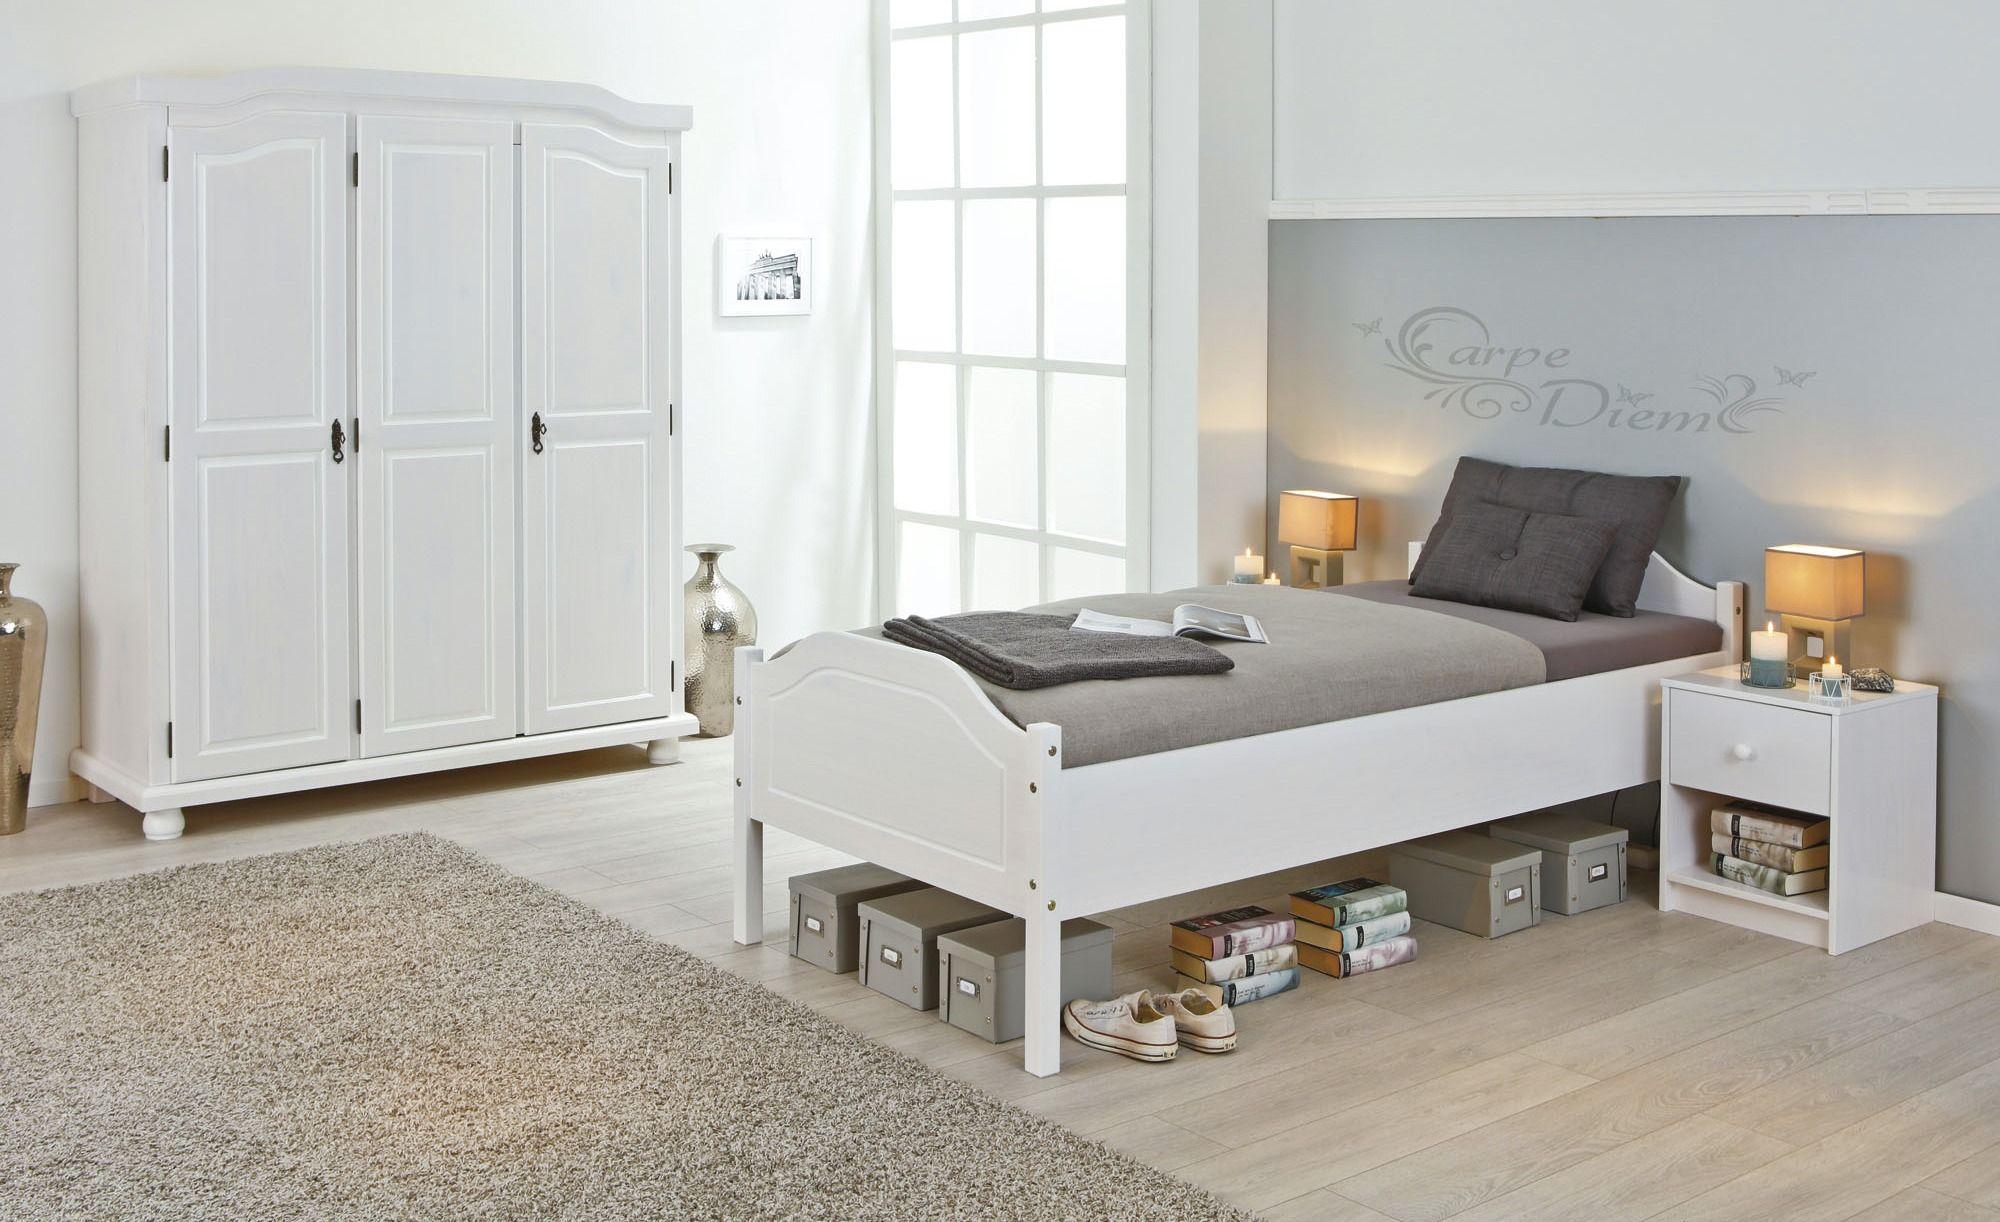 Full Size of Lidl Küchen Bettgestell Regal Wohnzimmer Lidl Küchen